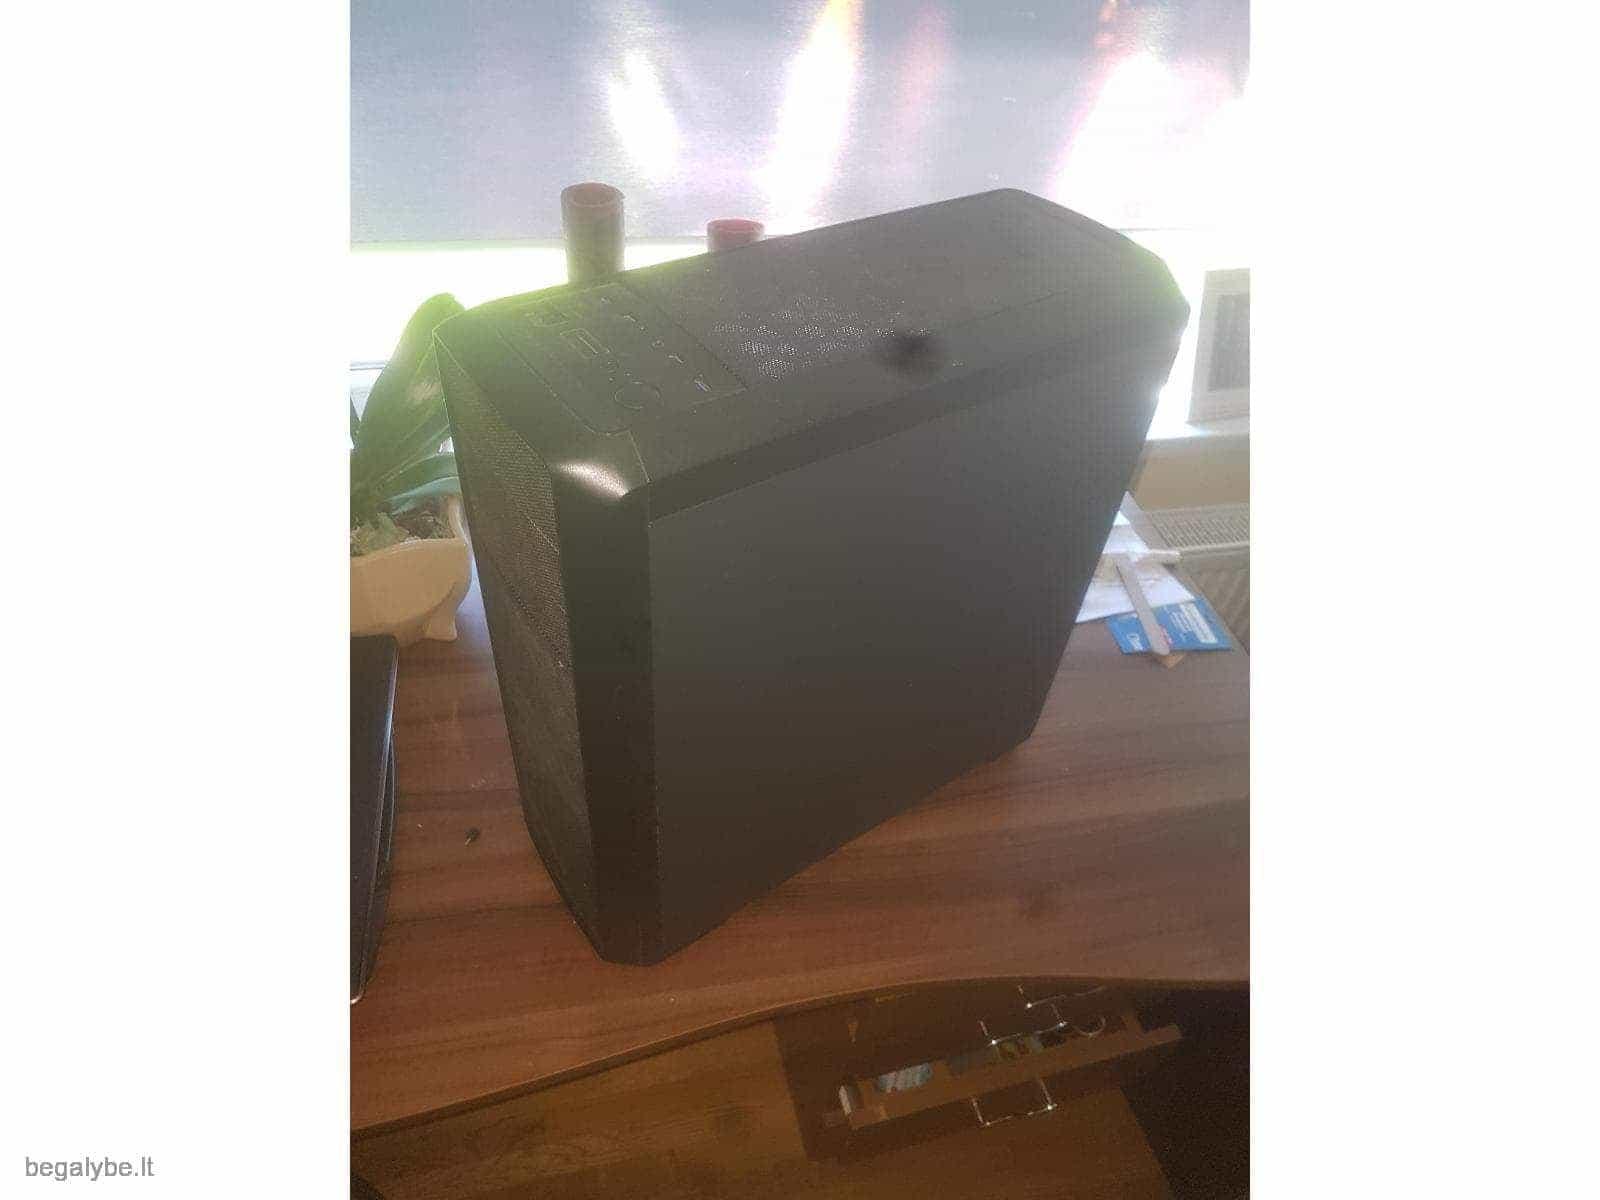 Skubiai parduodamas galingas kompiuteris